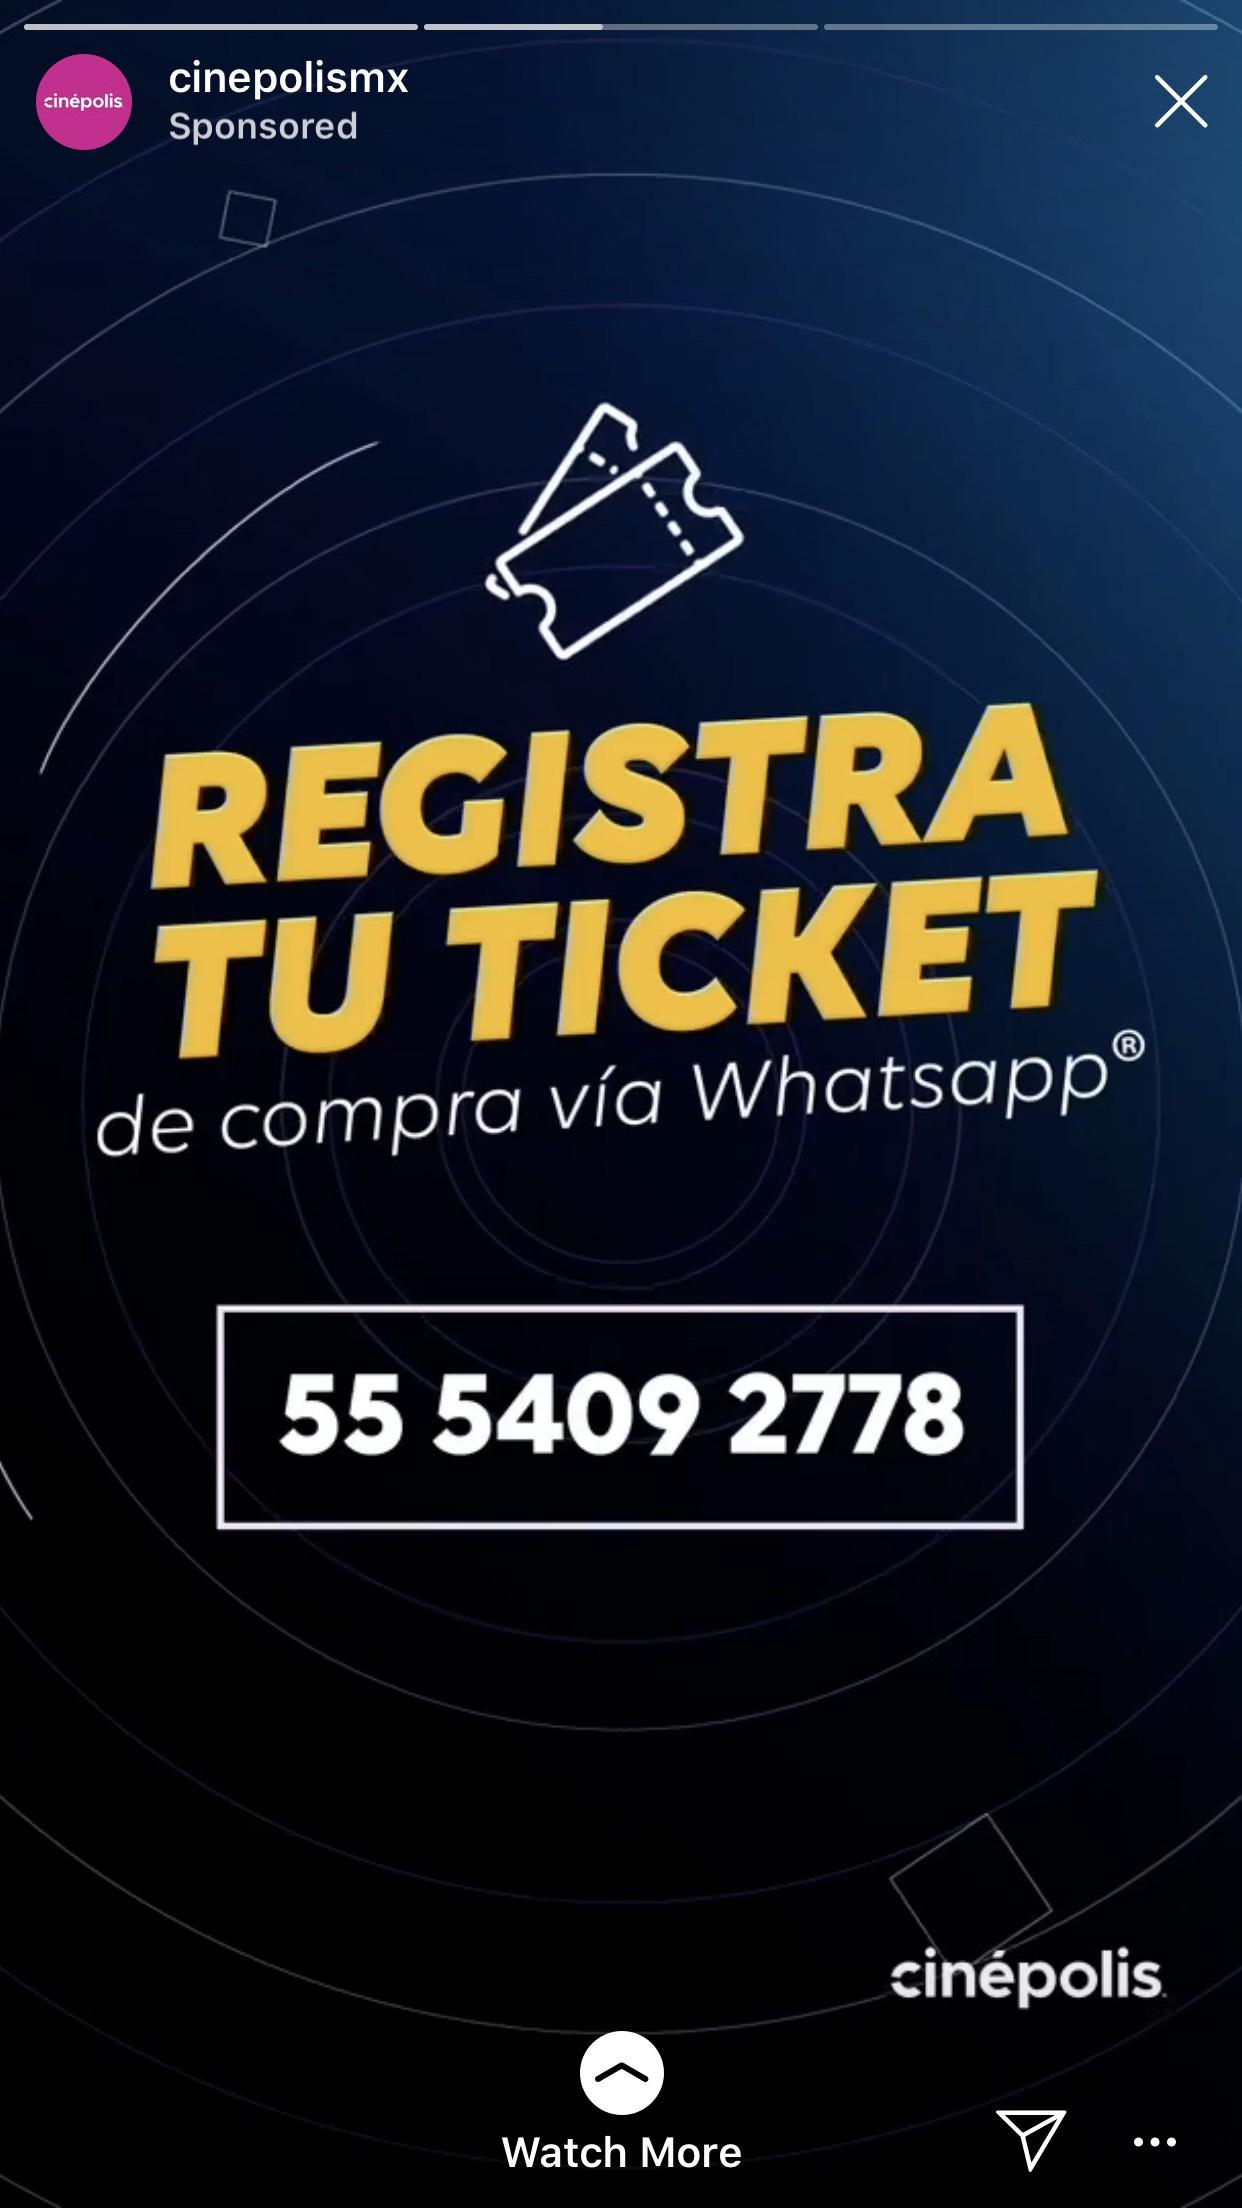 Cinépolis Registra tu ticket de compra para ganar vía WhatsApp